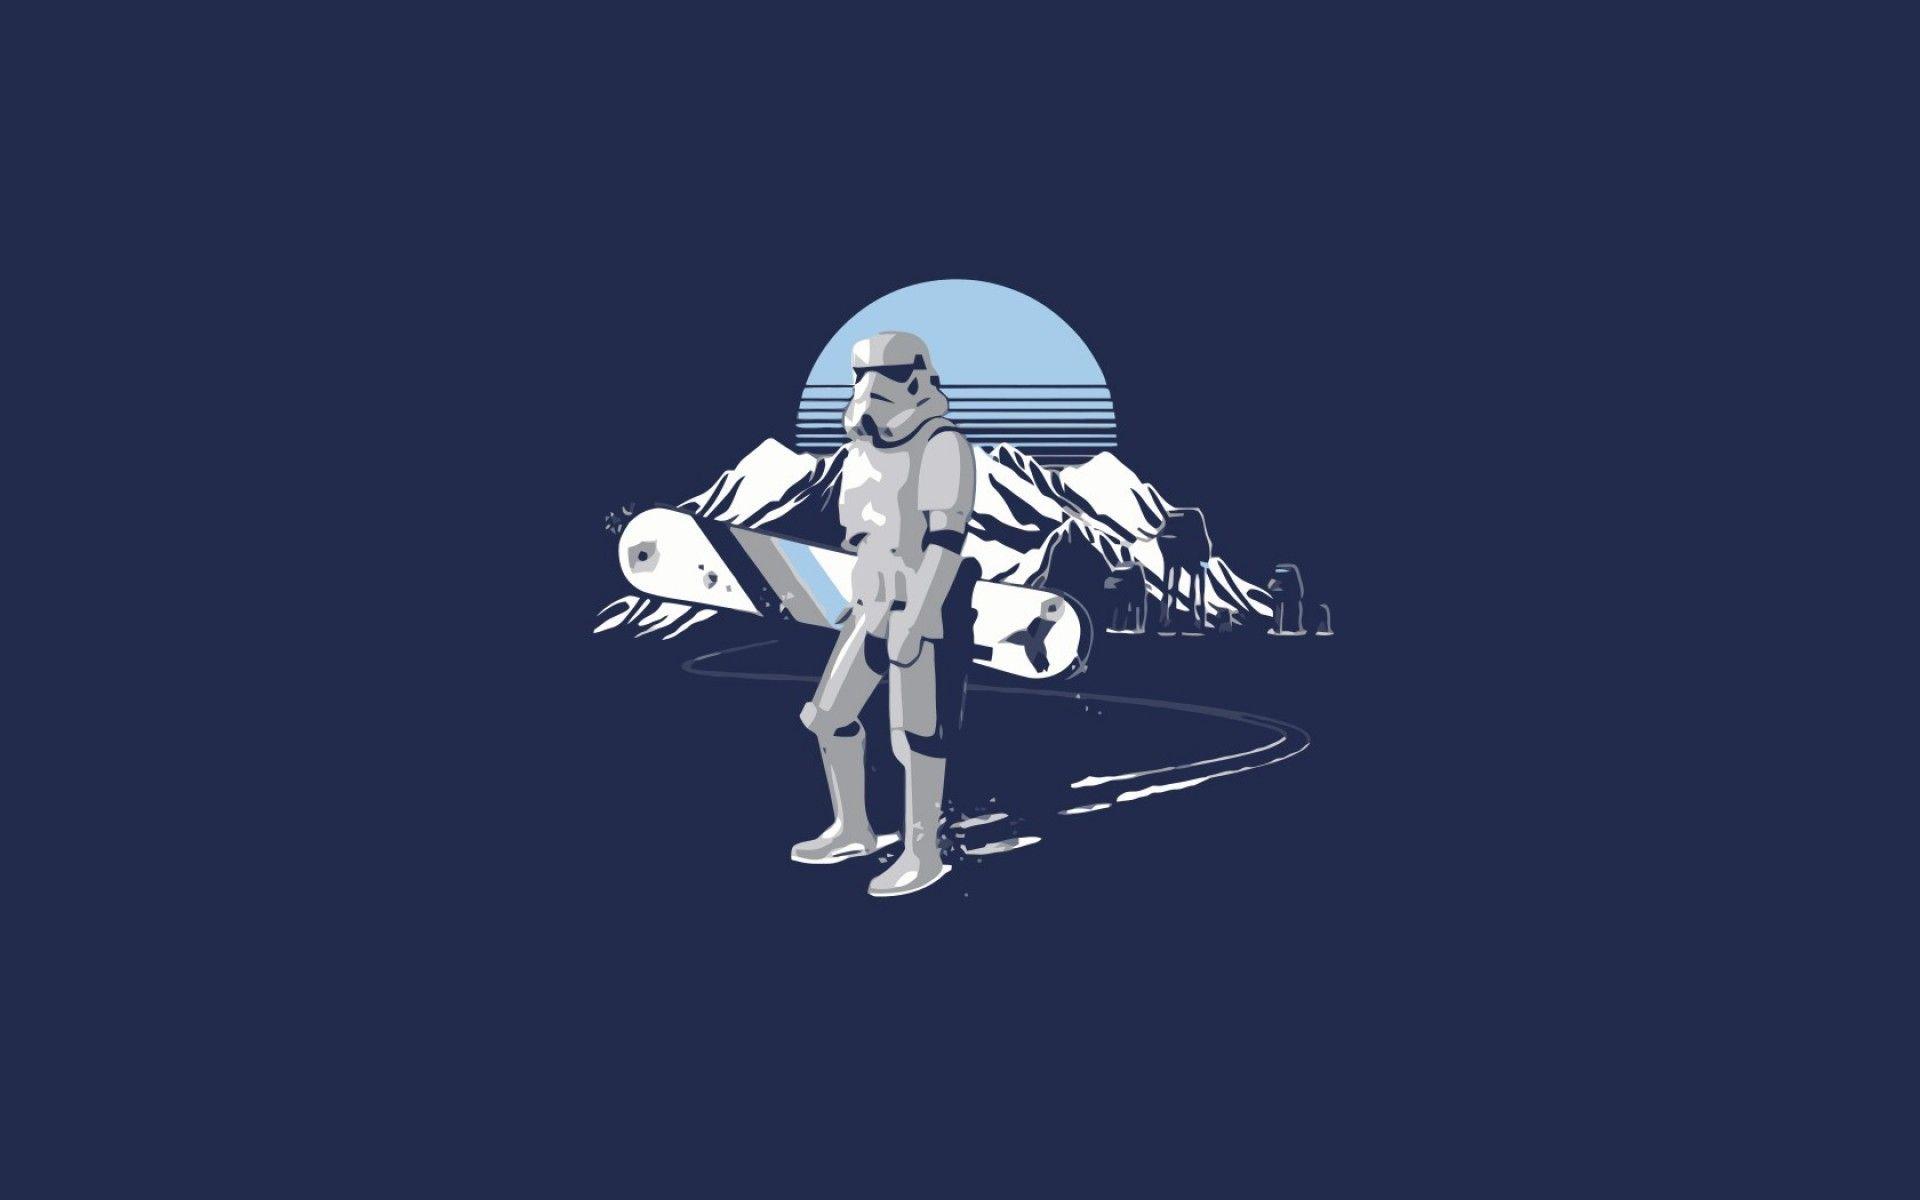 Star Wars Minimalist new wallpaper